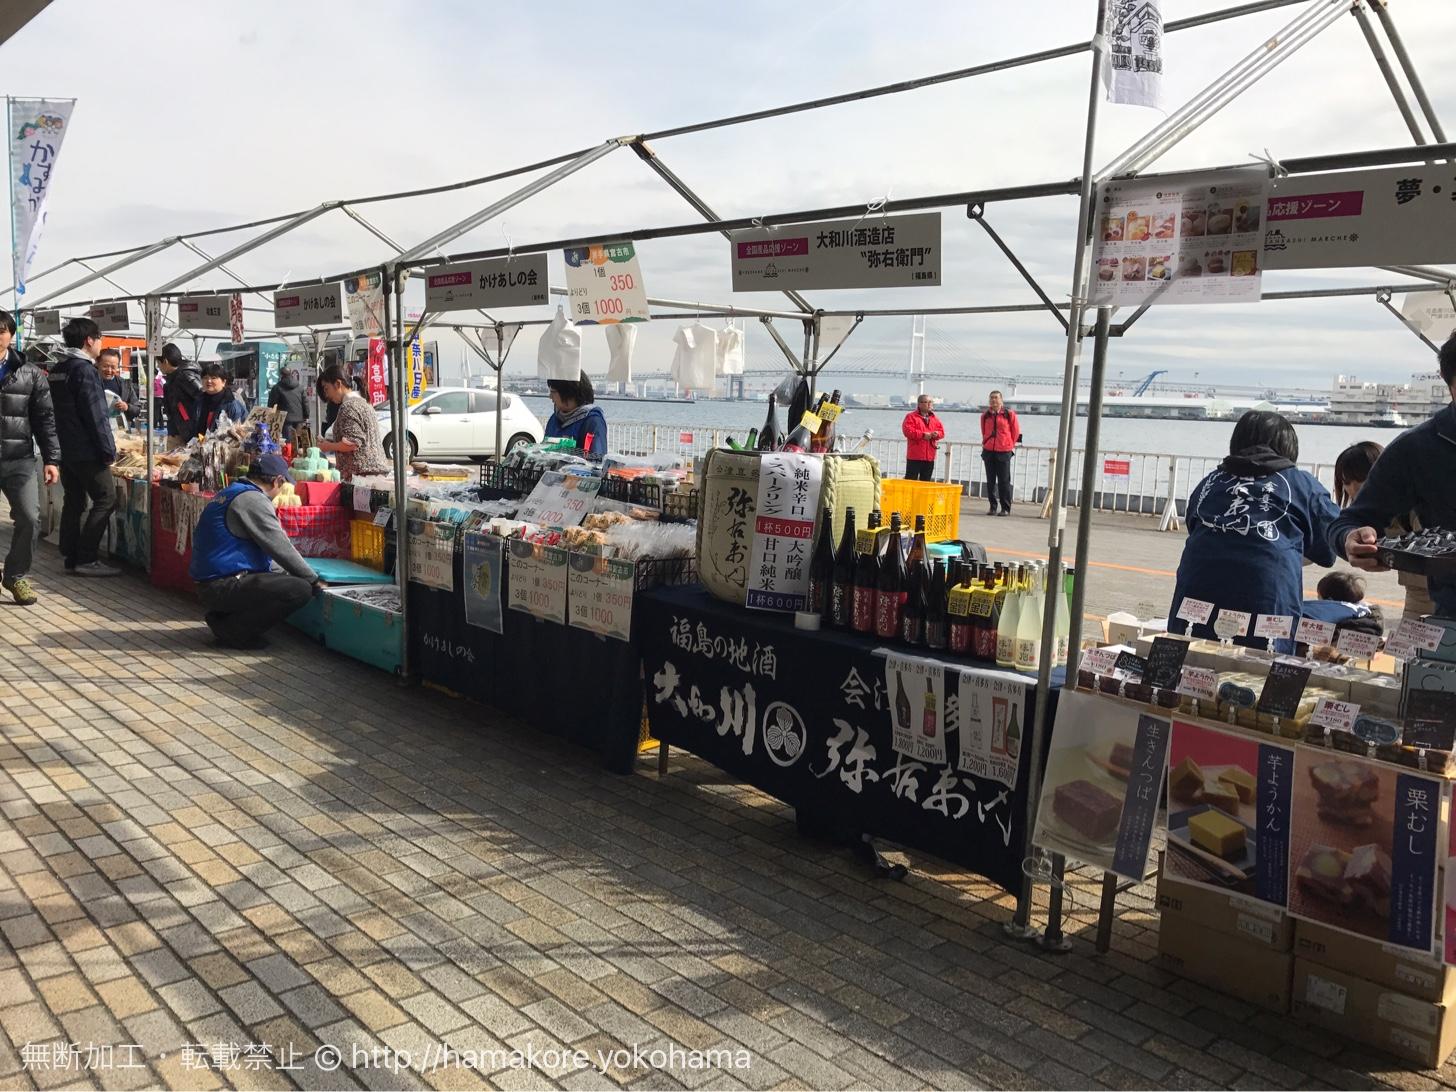 第5回「横浜大さん橋マルシェ」が2018年1月20日・21日に開催!